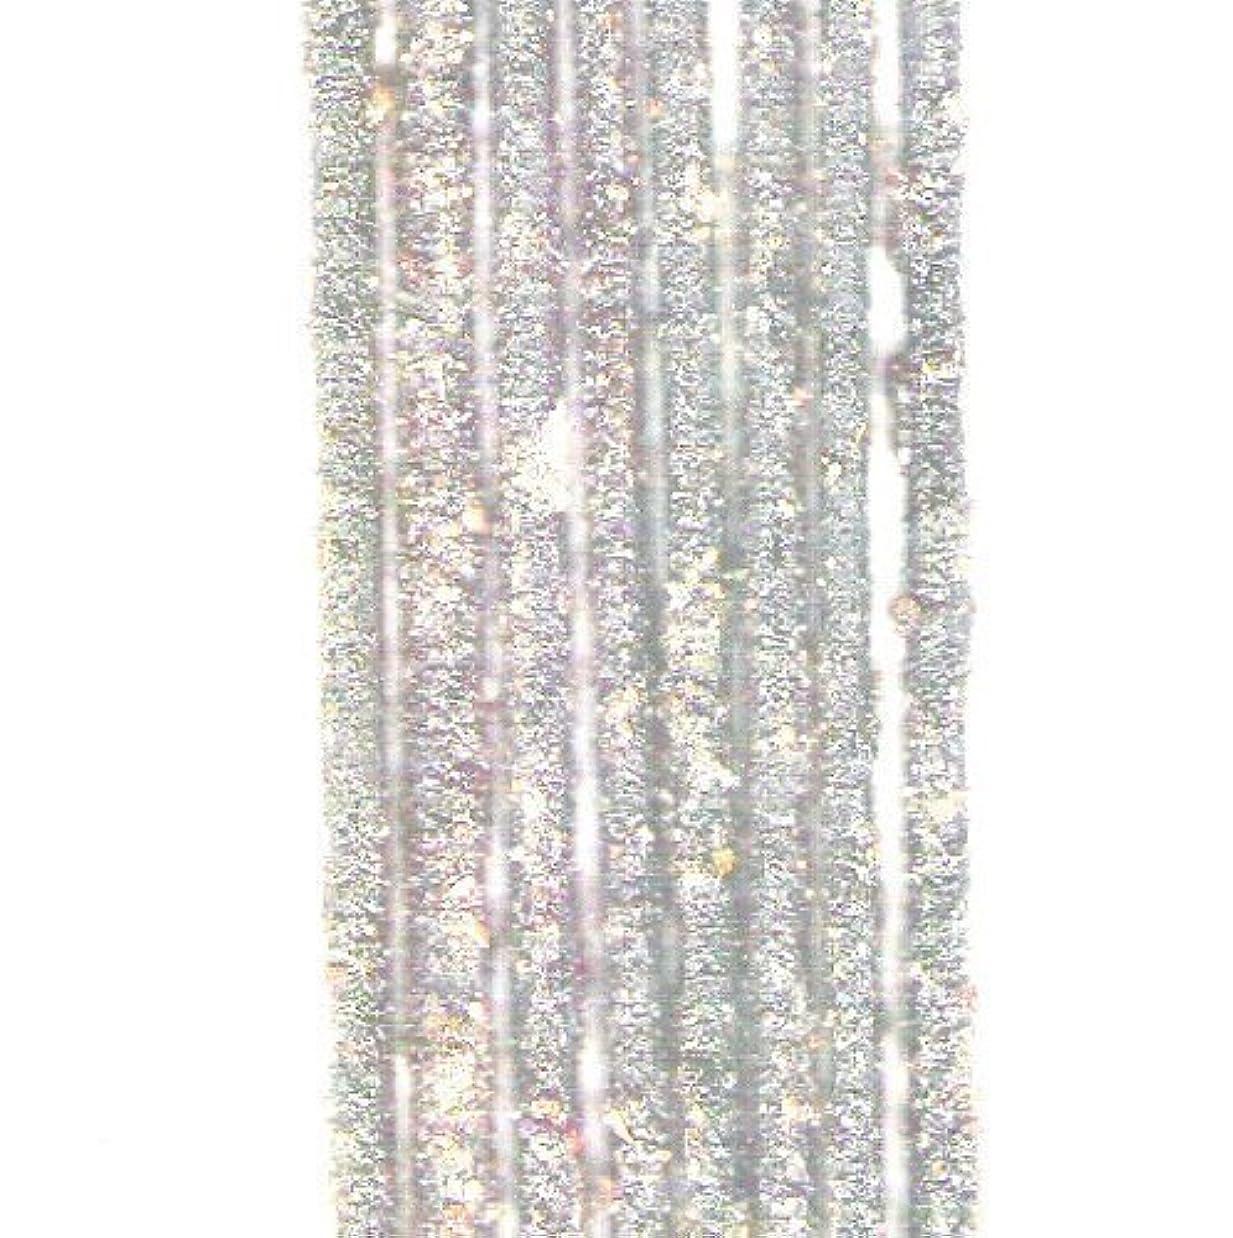 バイオリンクリケットお別れNatureシナモンPure Pure樹脂over Stick Incense 10 Sticks